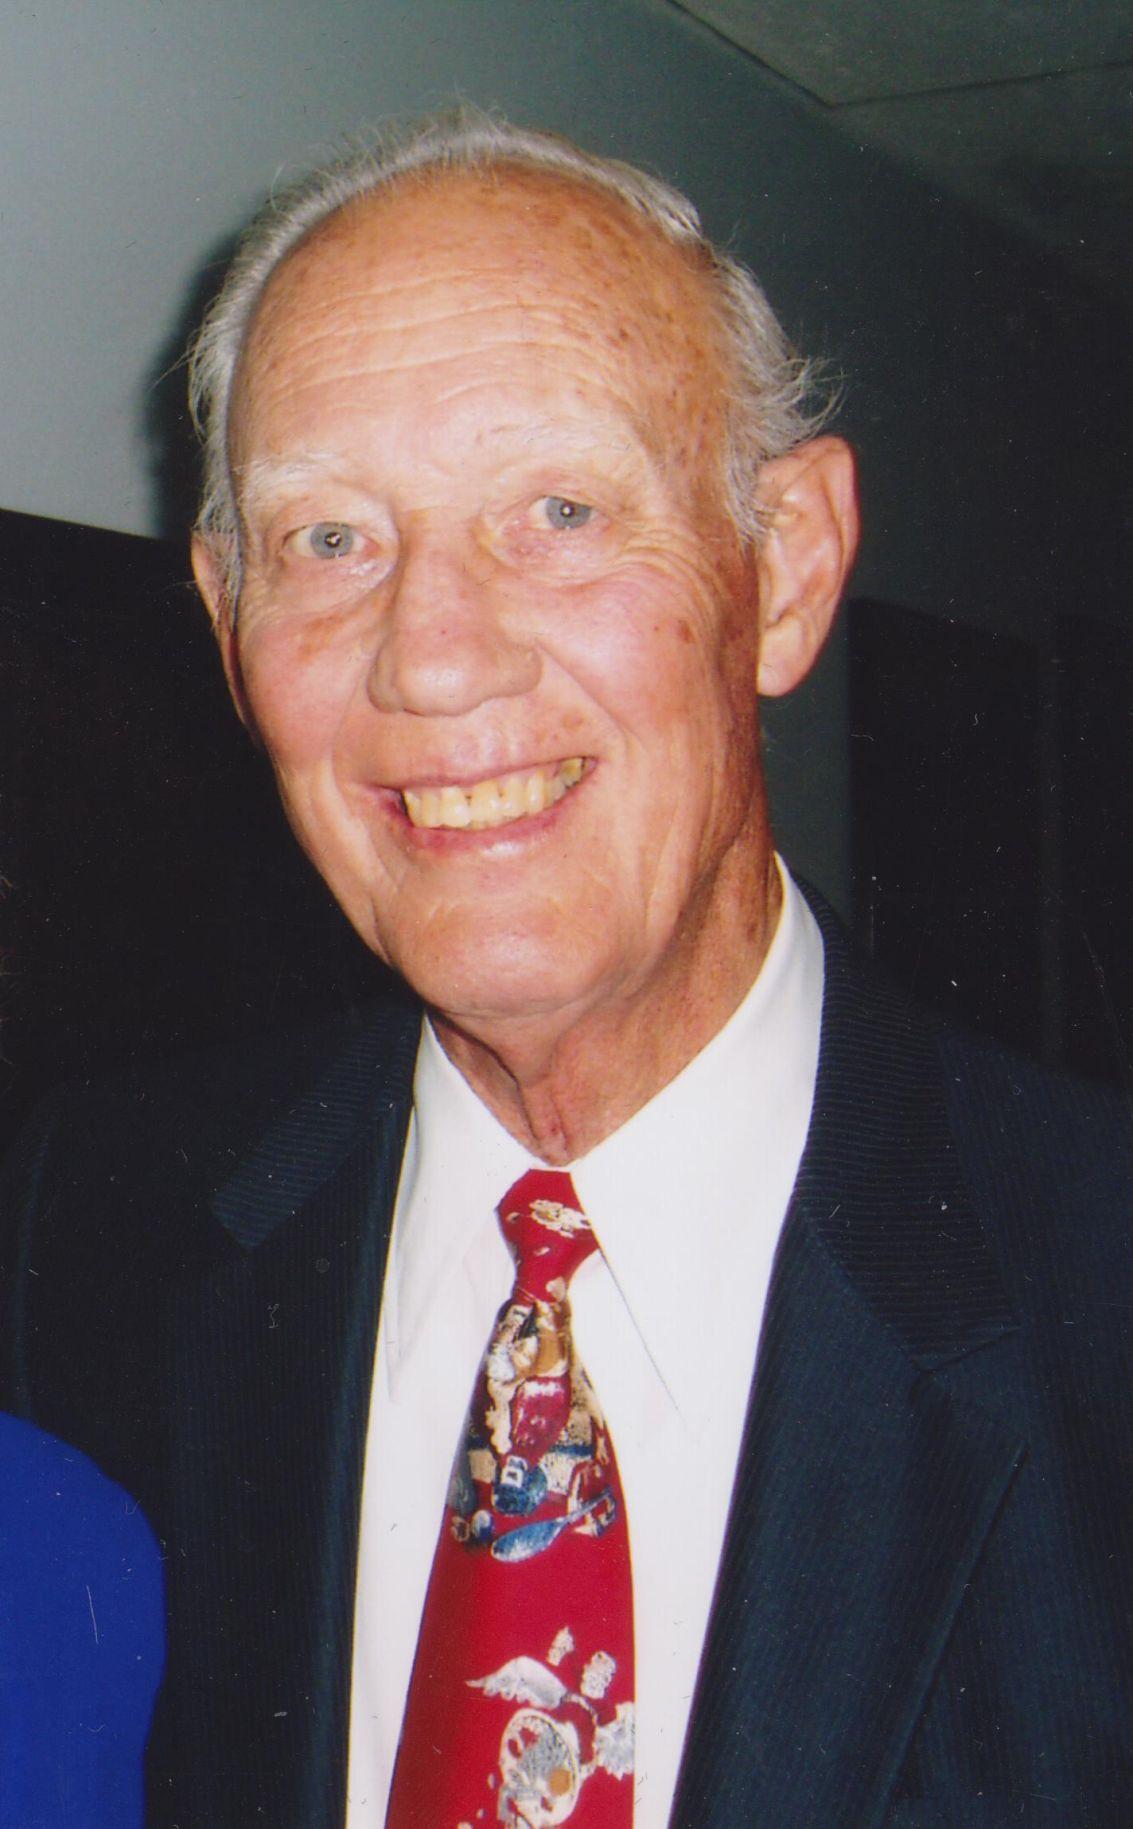 Kenneth Lee James Demaet